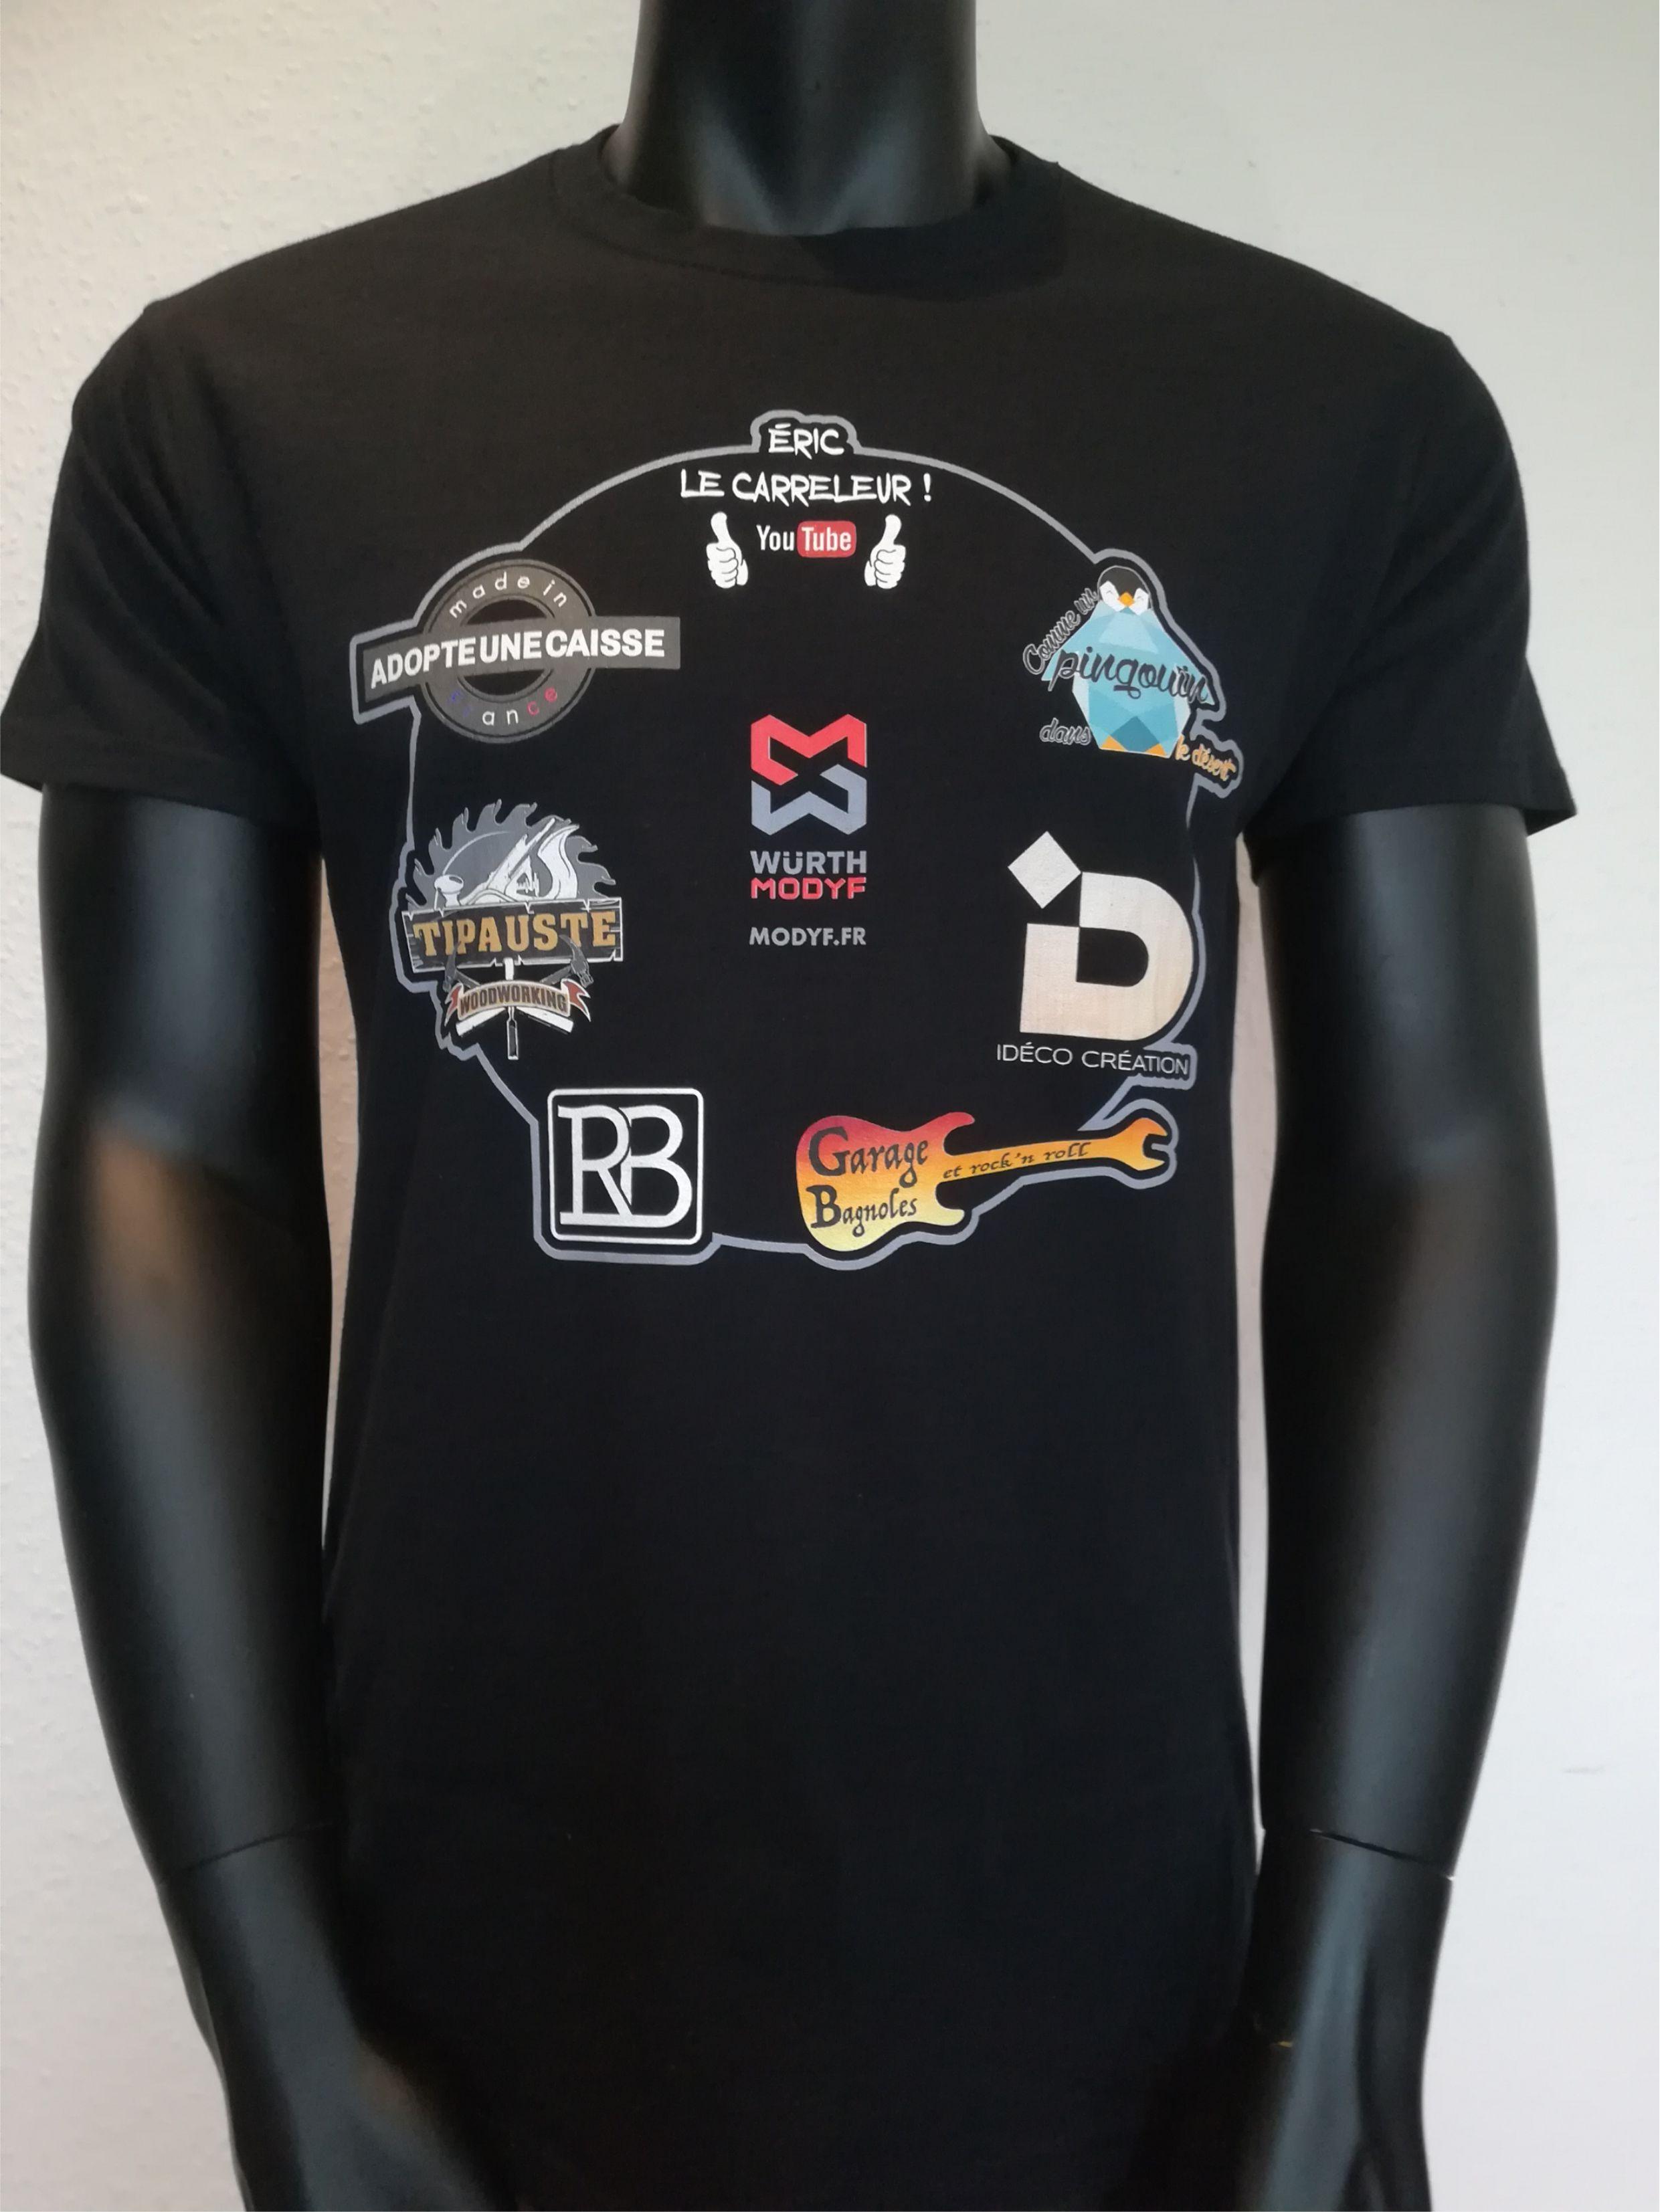 T-shirt noir coton avec impression directe DTG. Encore un exemple parfait devisueldestinéaêtreseulementréaliséenimpressiondigitaleDTG.